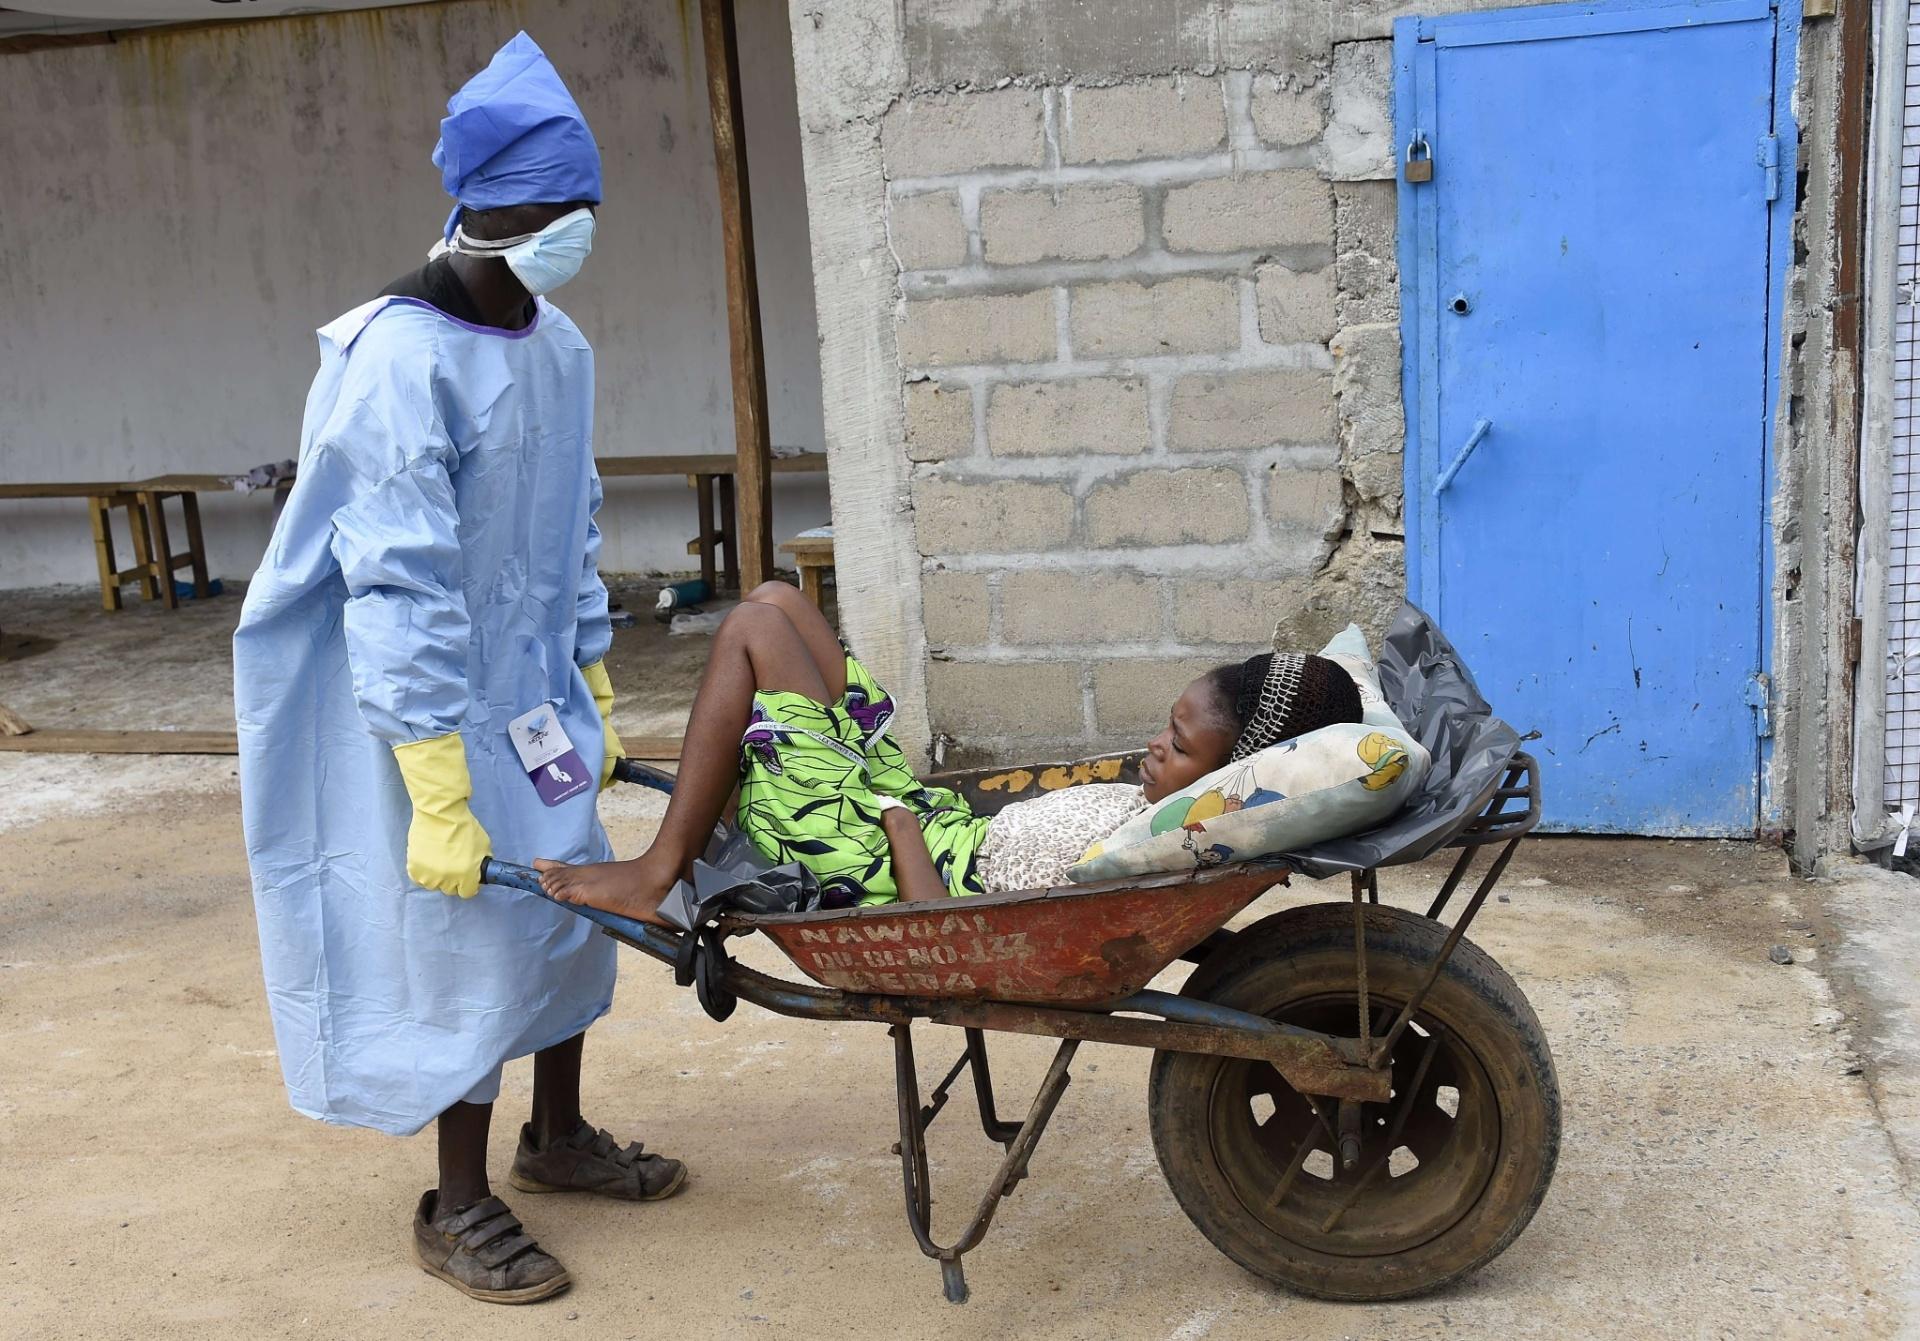 Epidemia de ebola atinge África e tem casos isolados em outros países - BOL  Fotos - BOL Fotos 31e448539a